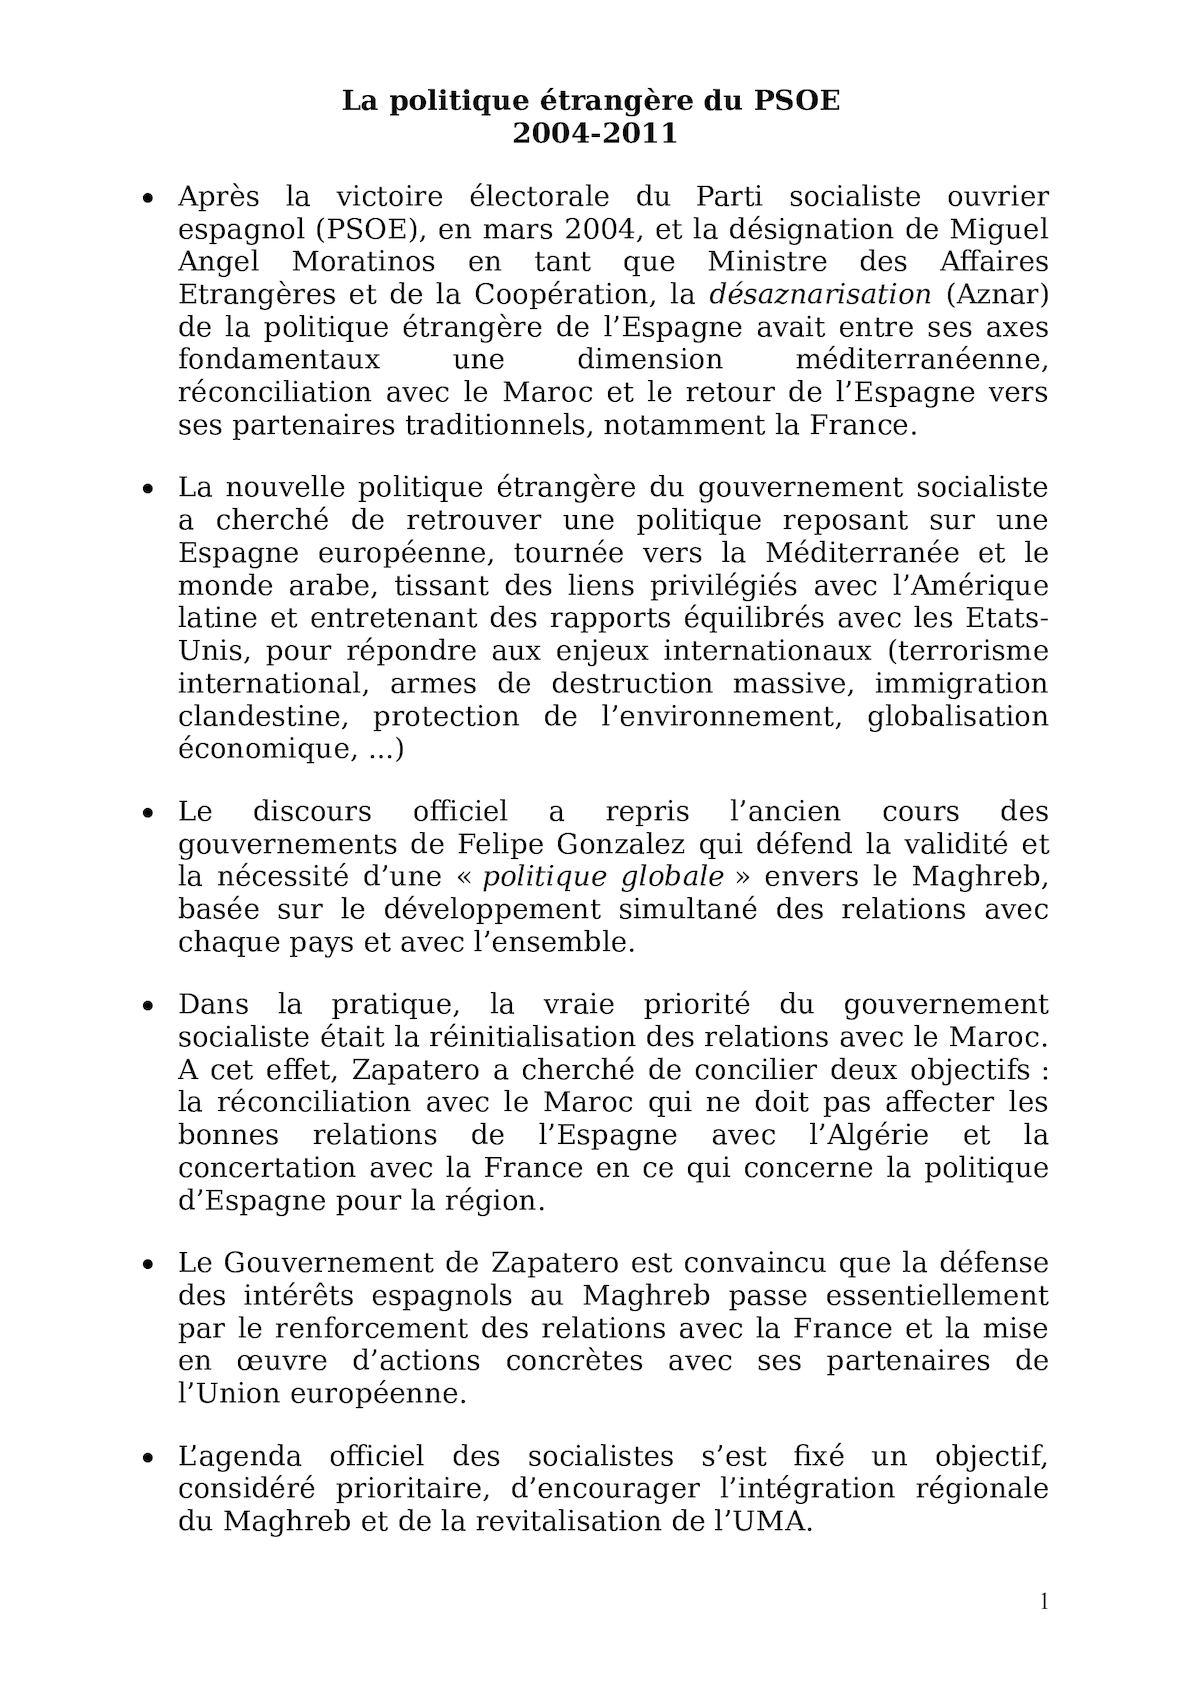 La Politique étrangère Du PSOE (1).